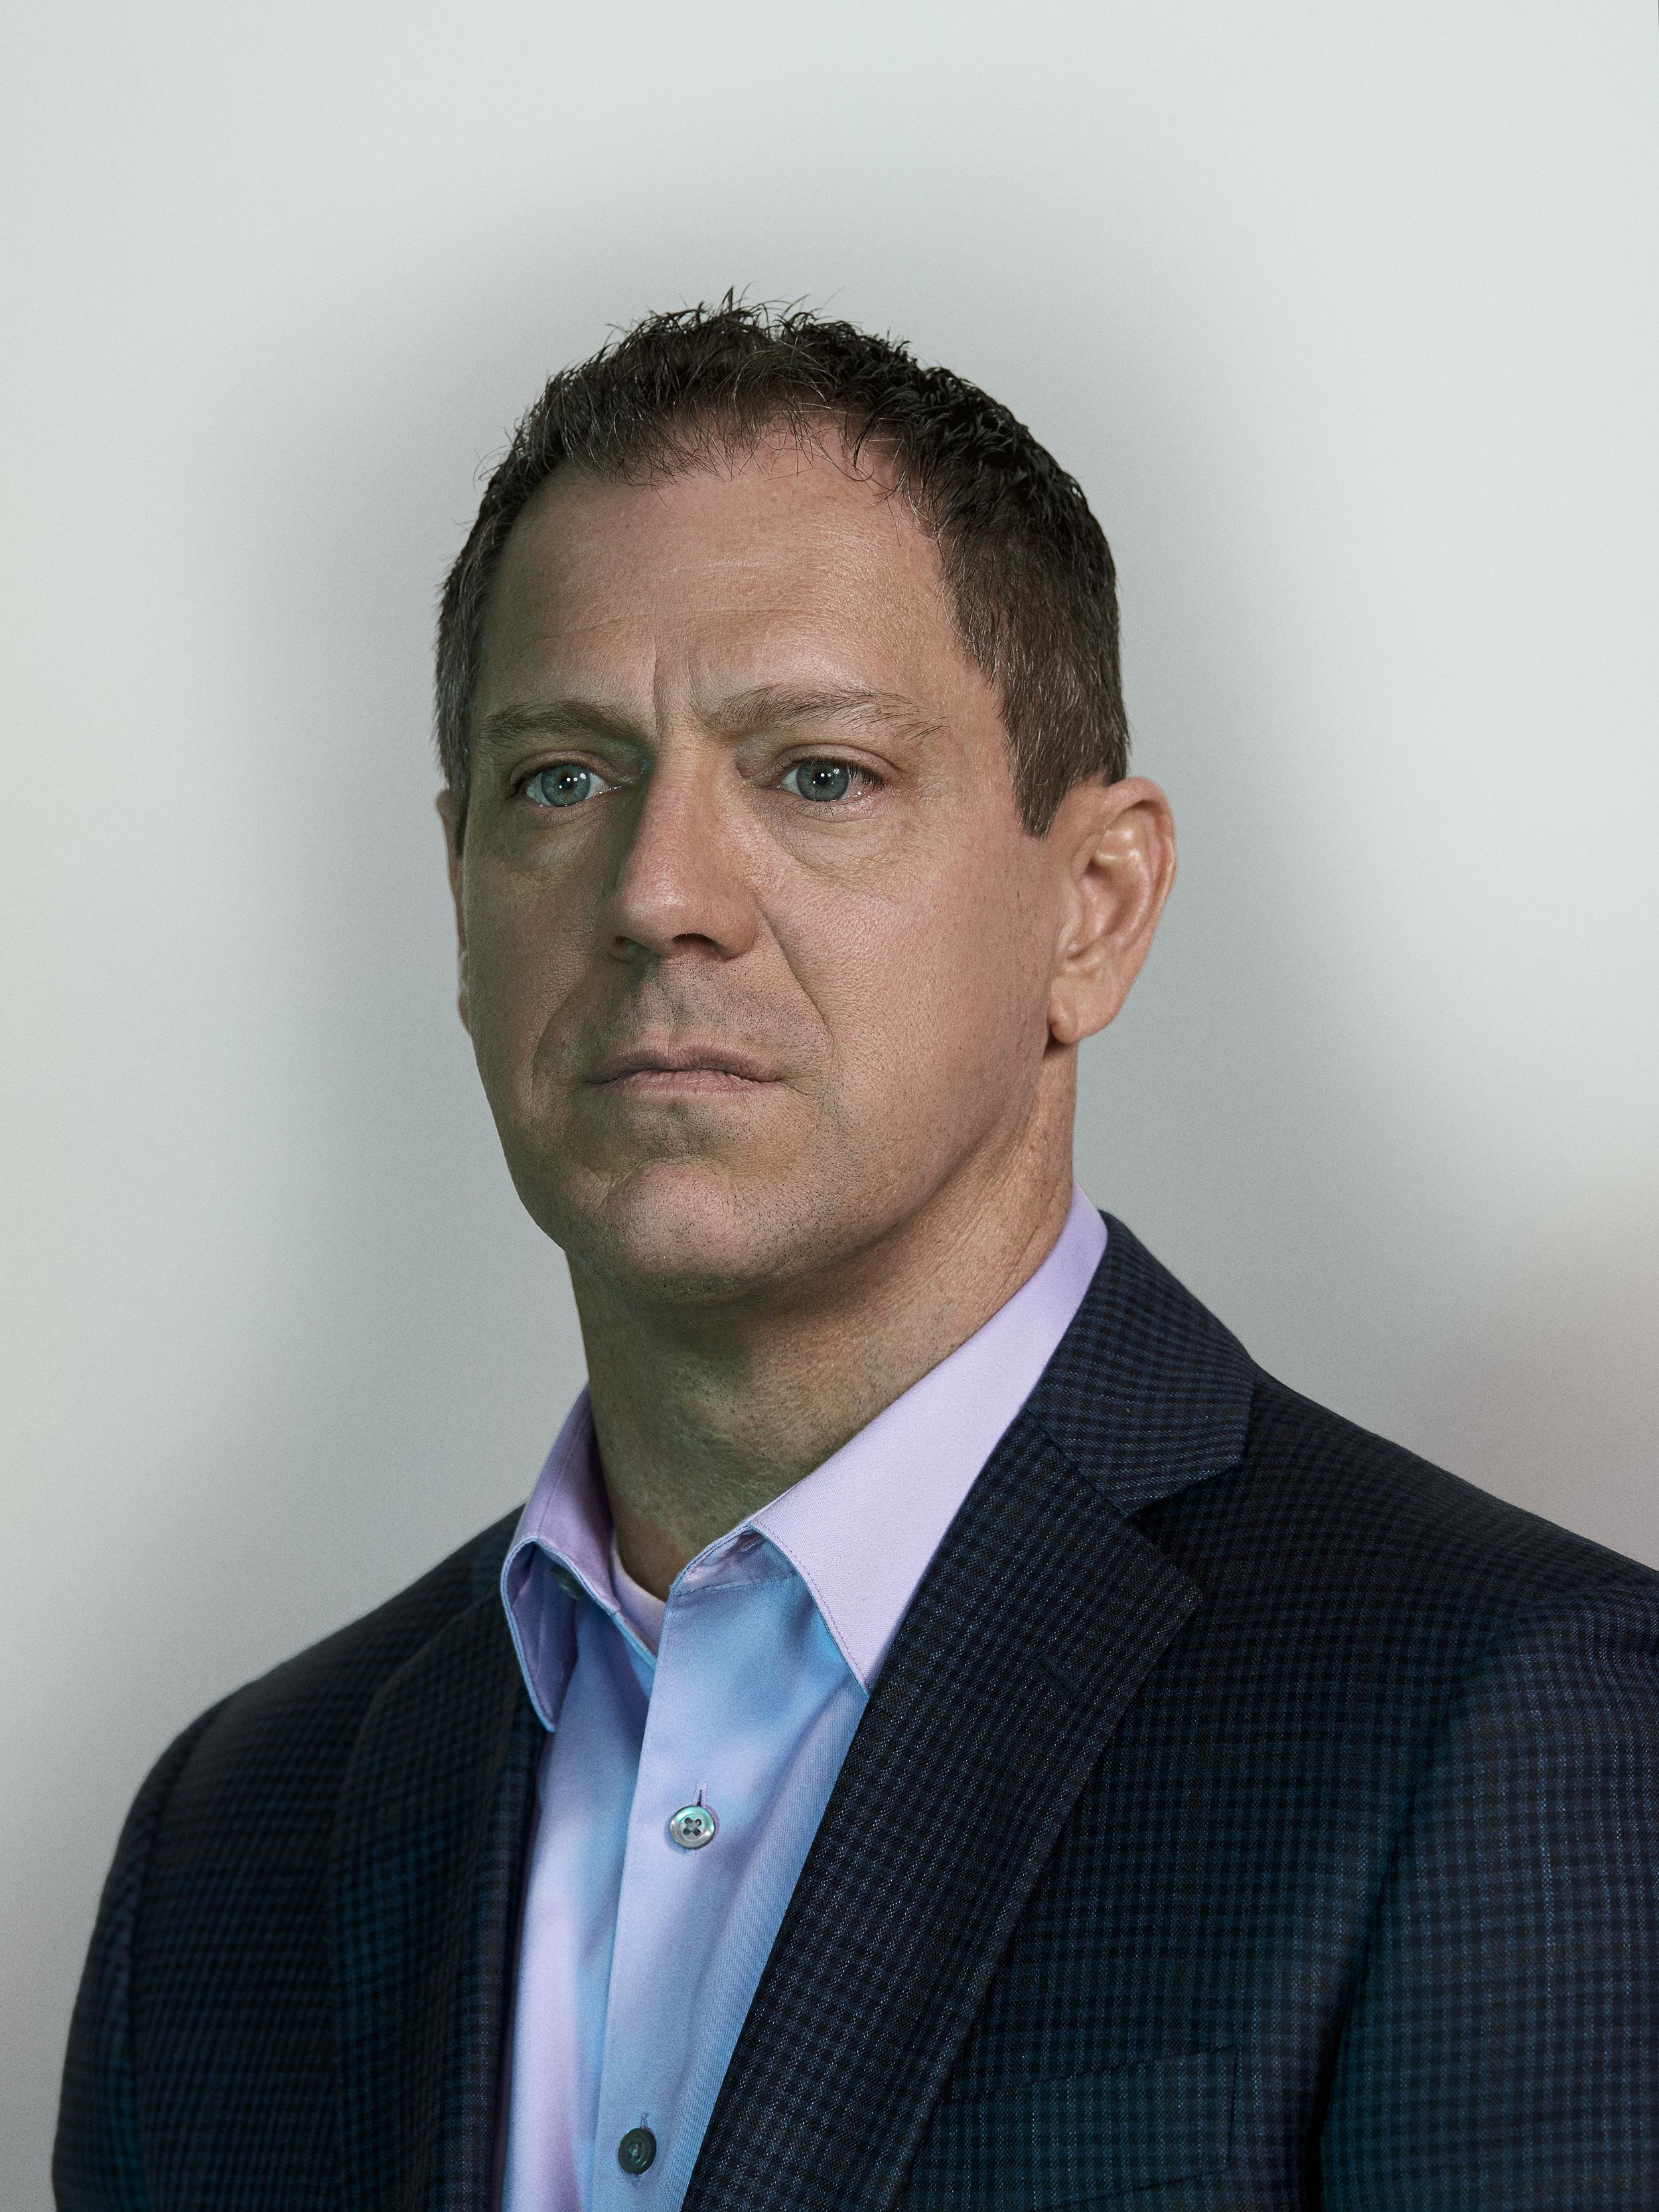 Chris Meaux - Waitr CEO